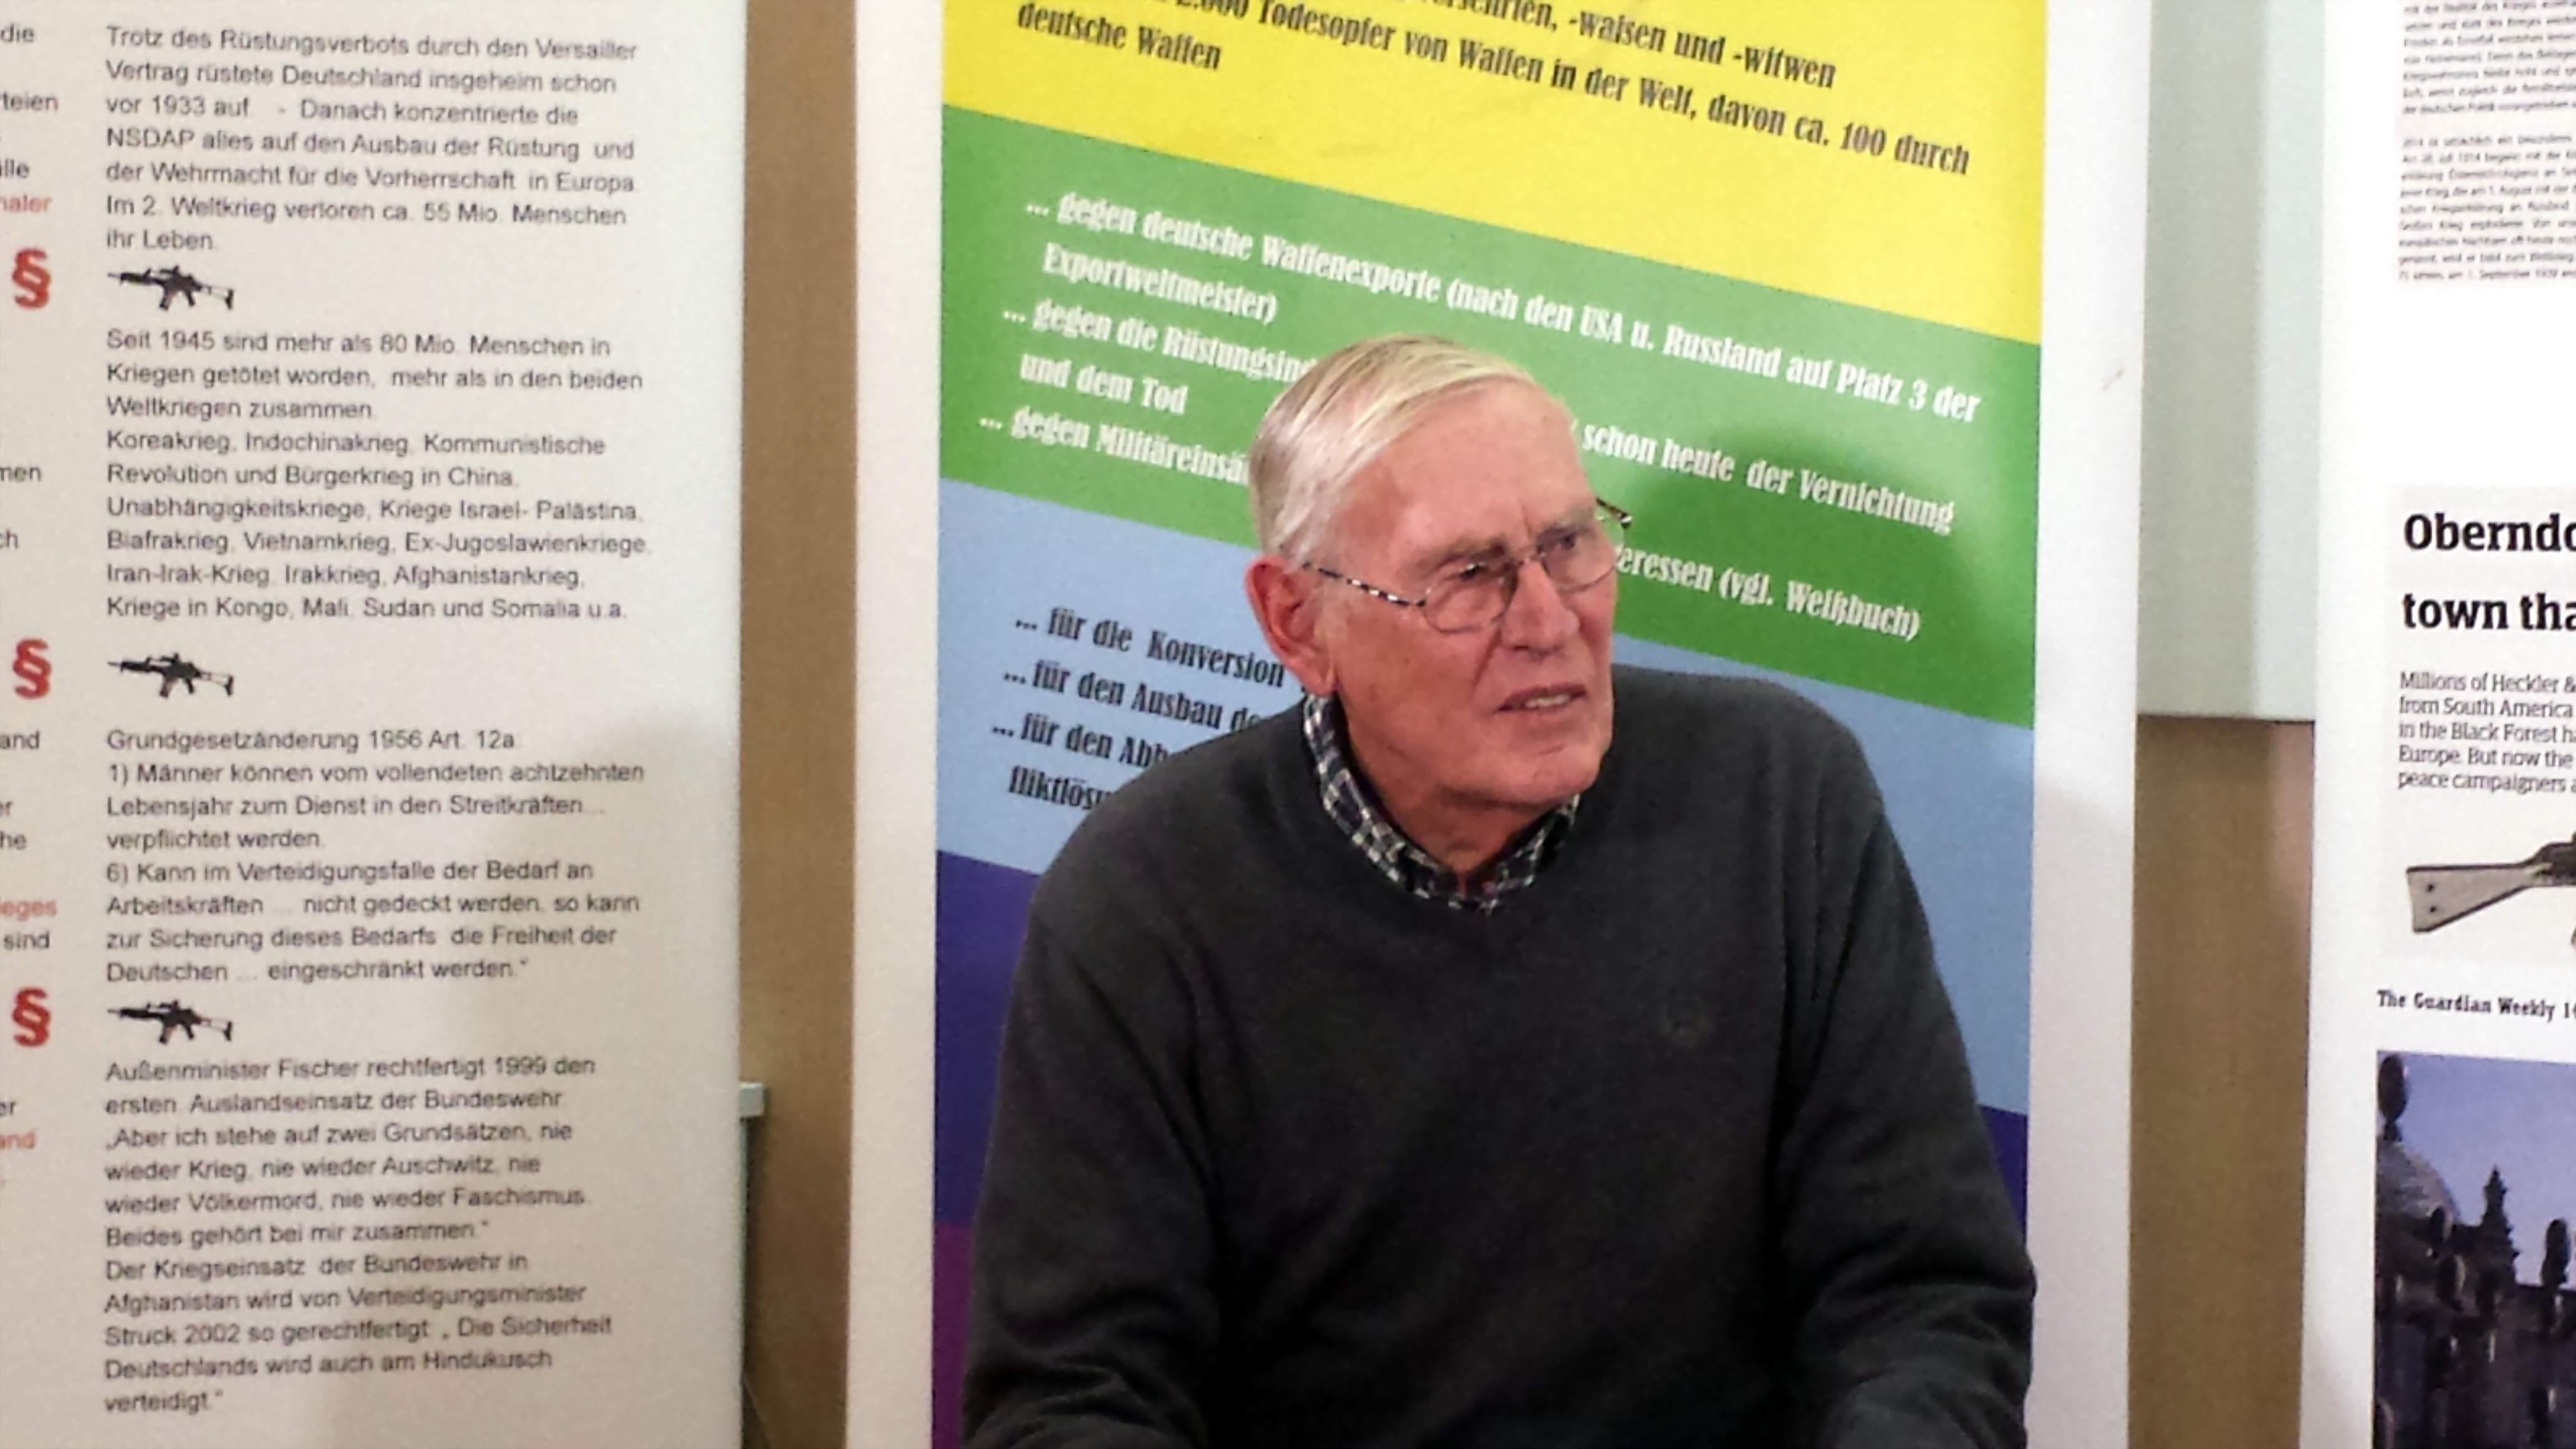 Willi Hoffmeister rief zum Mittun bei der Friedensarbeit auf. Foto: Stille